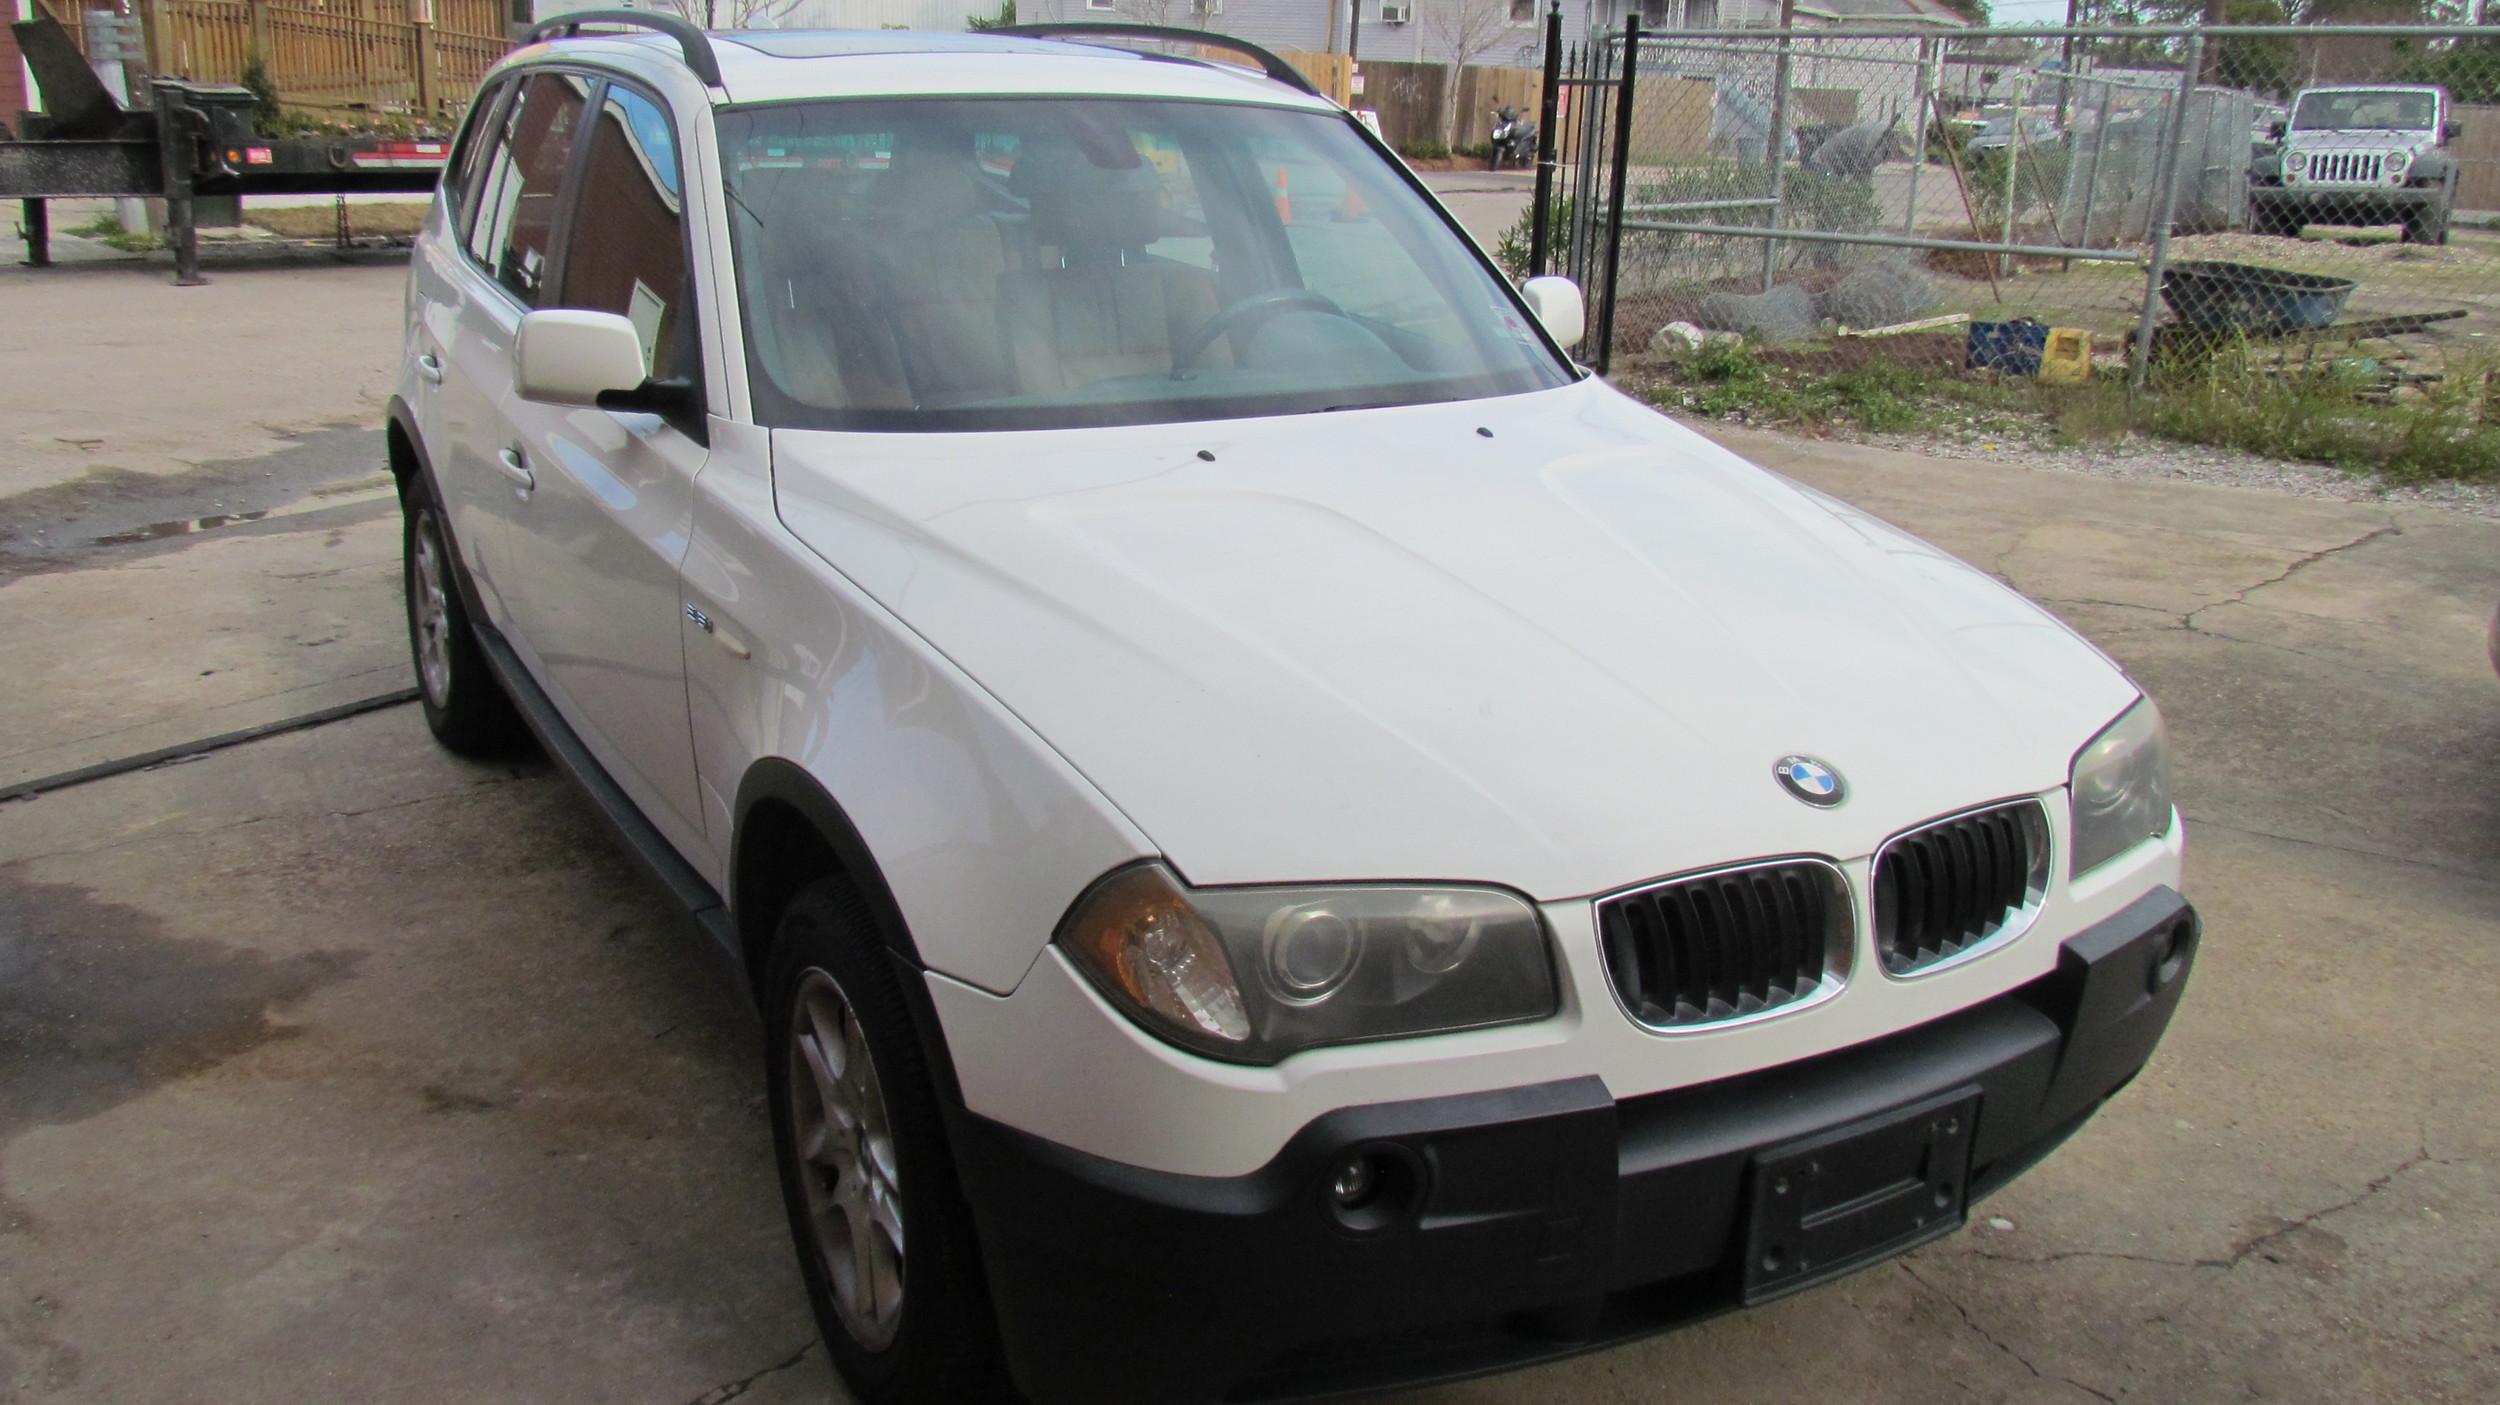 BMW X5 (Clean Slate)